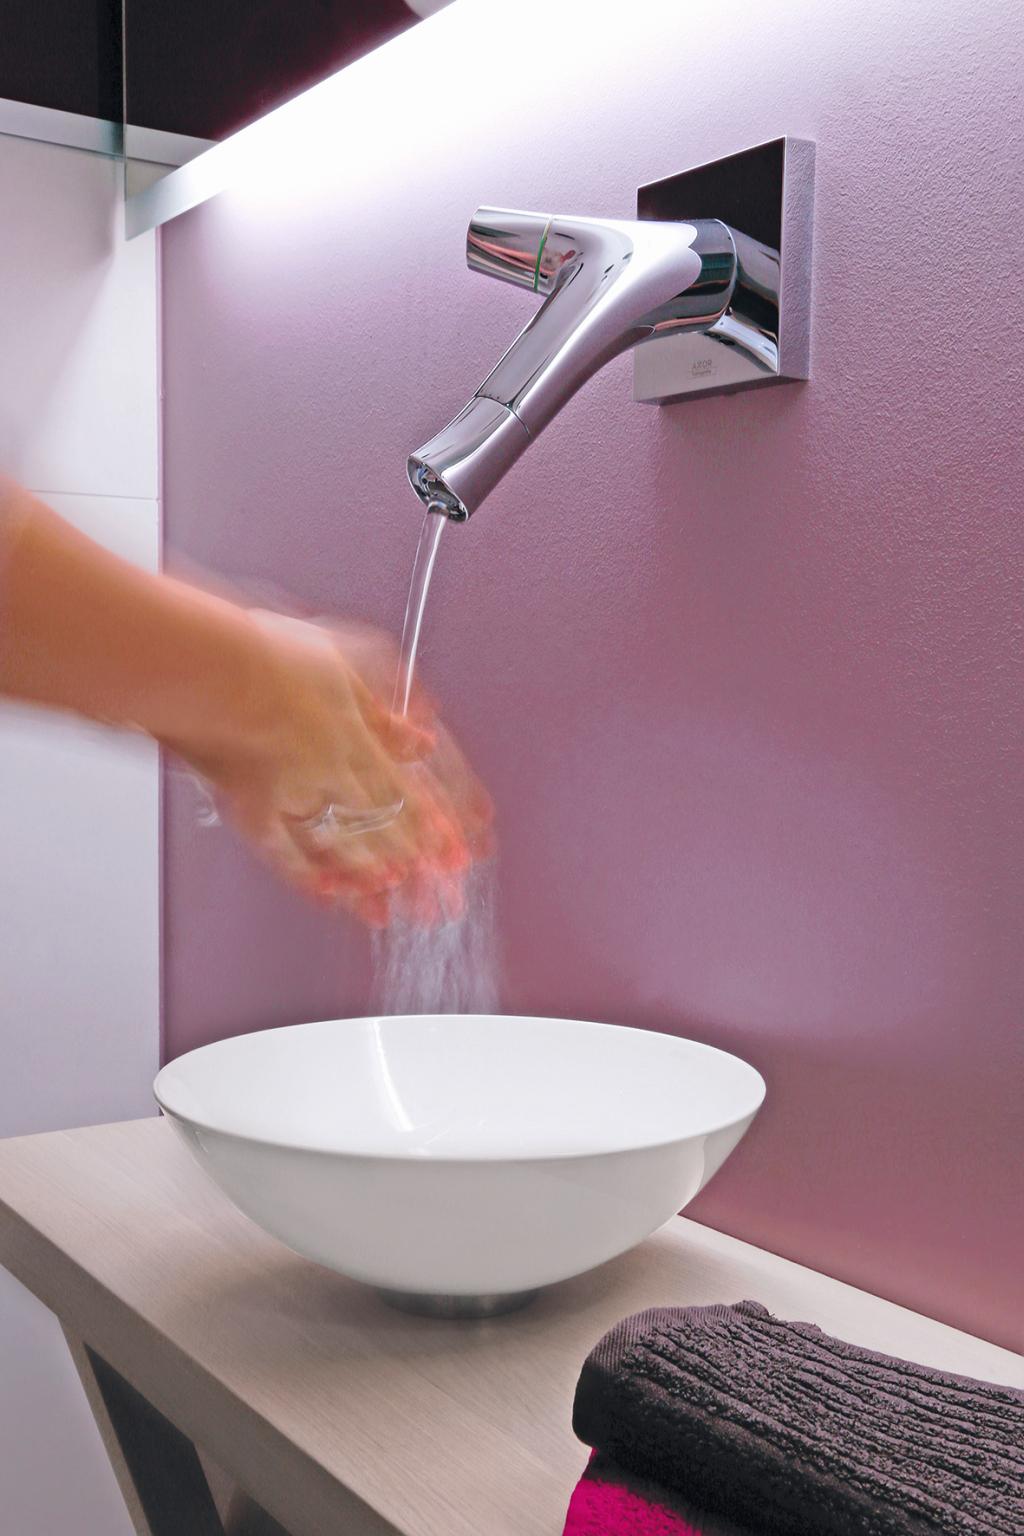 Händewaschen am Waschtisch, Badarmaturen in modernem Design